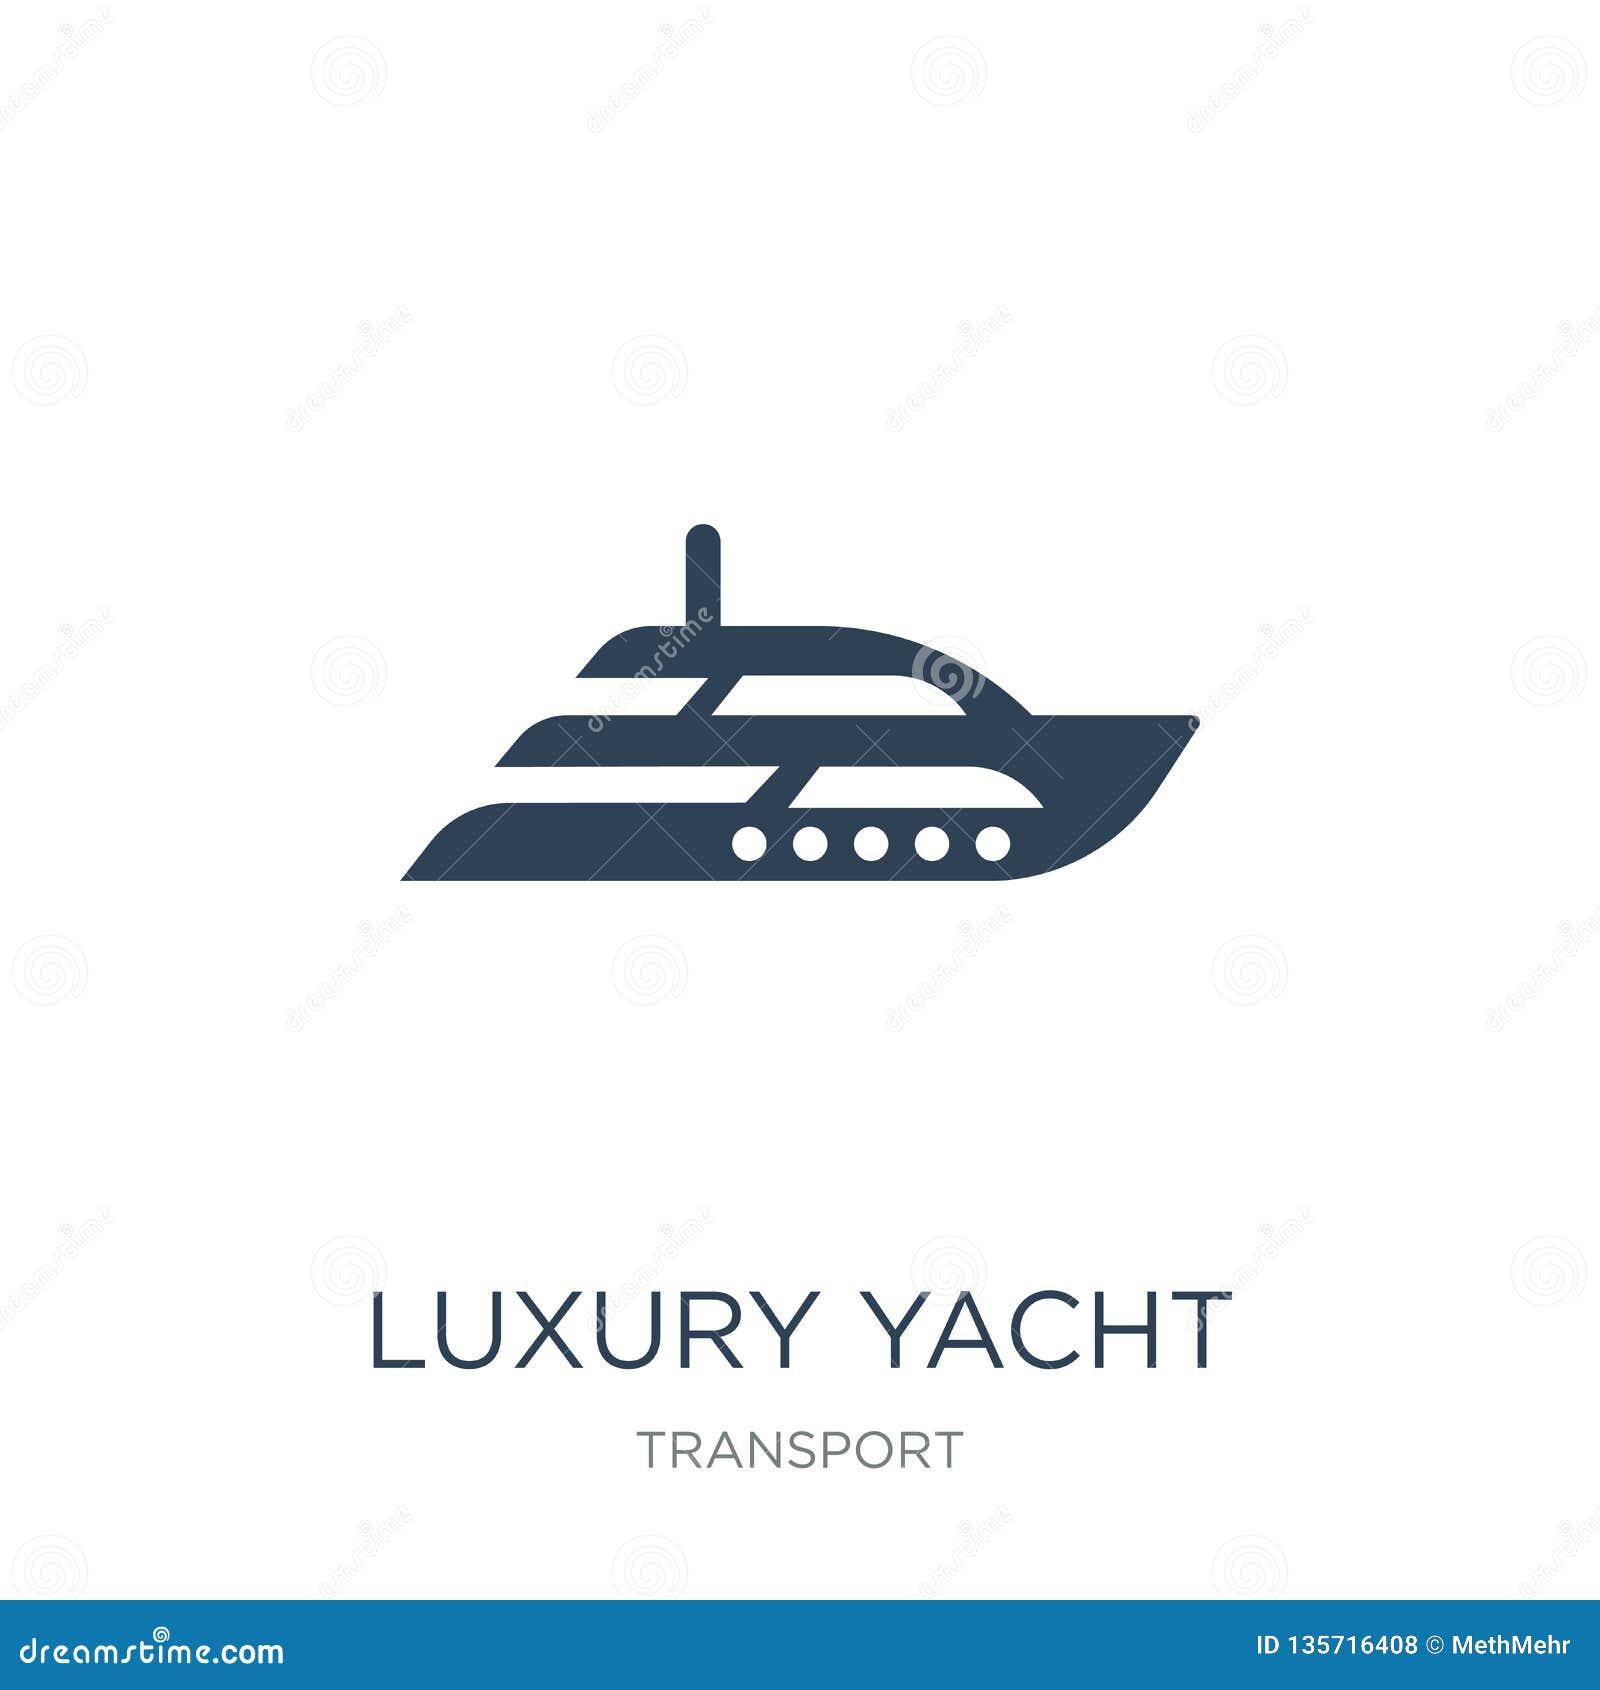 Lyxig yachtsymbol i moderiktig designstil lyxig yachtsymbol som isoleras på vit bakgrund lyxig enkel yachtvektorsymbol och